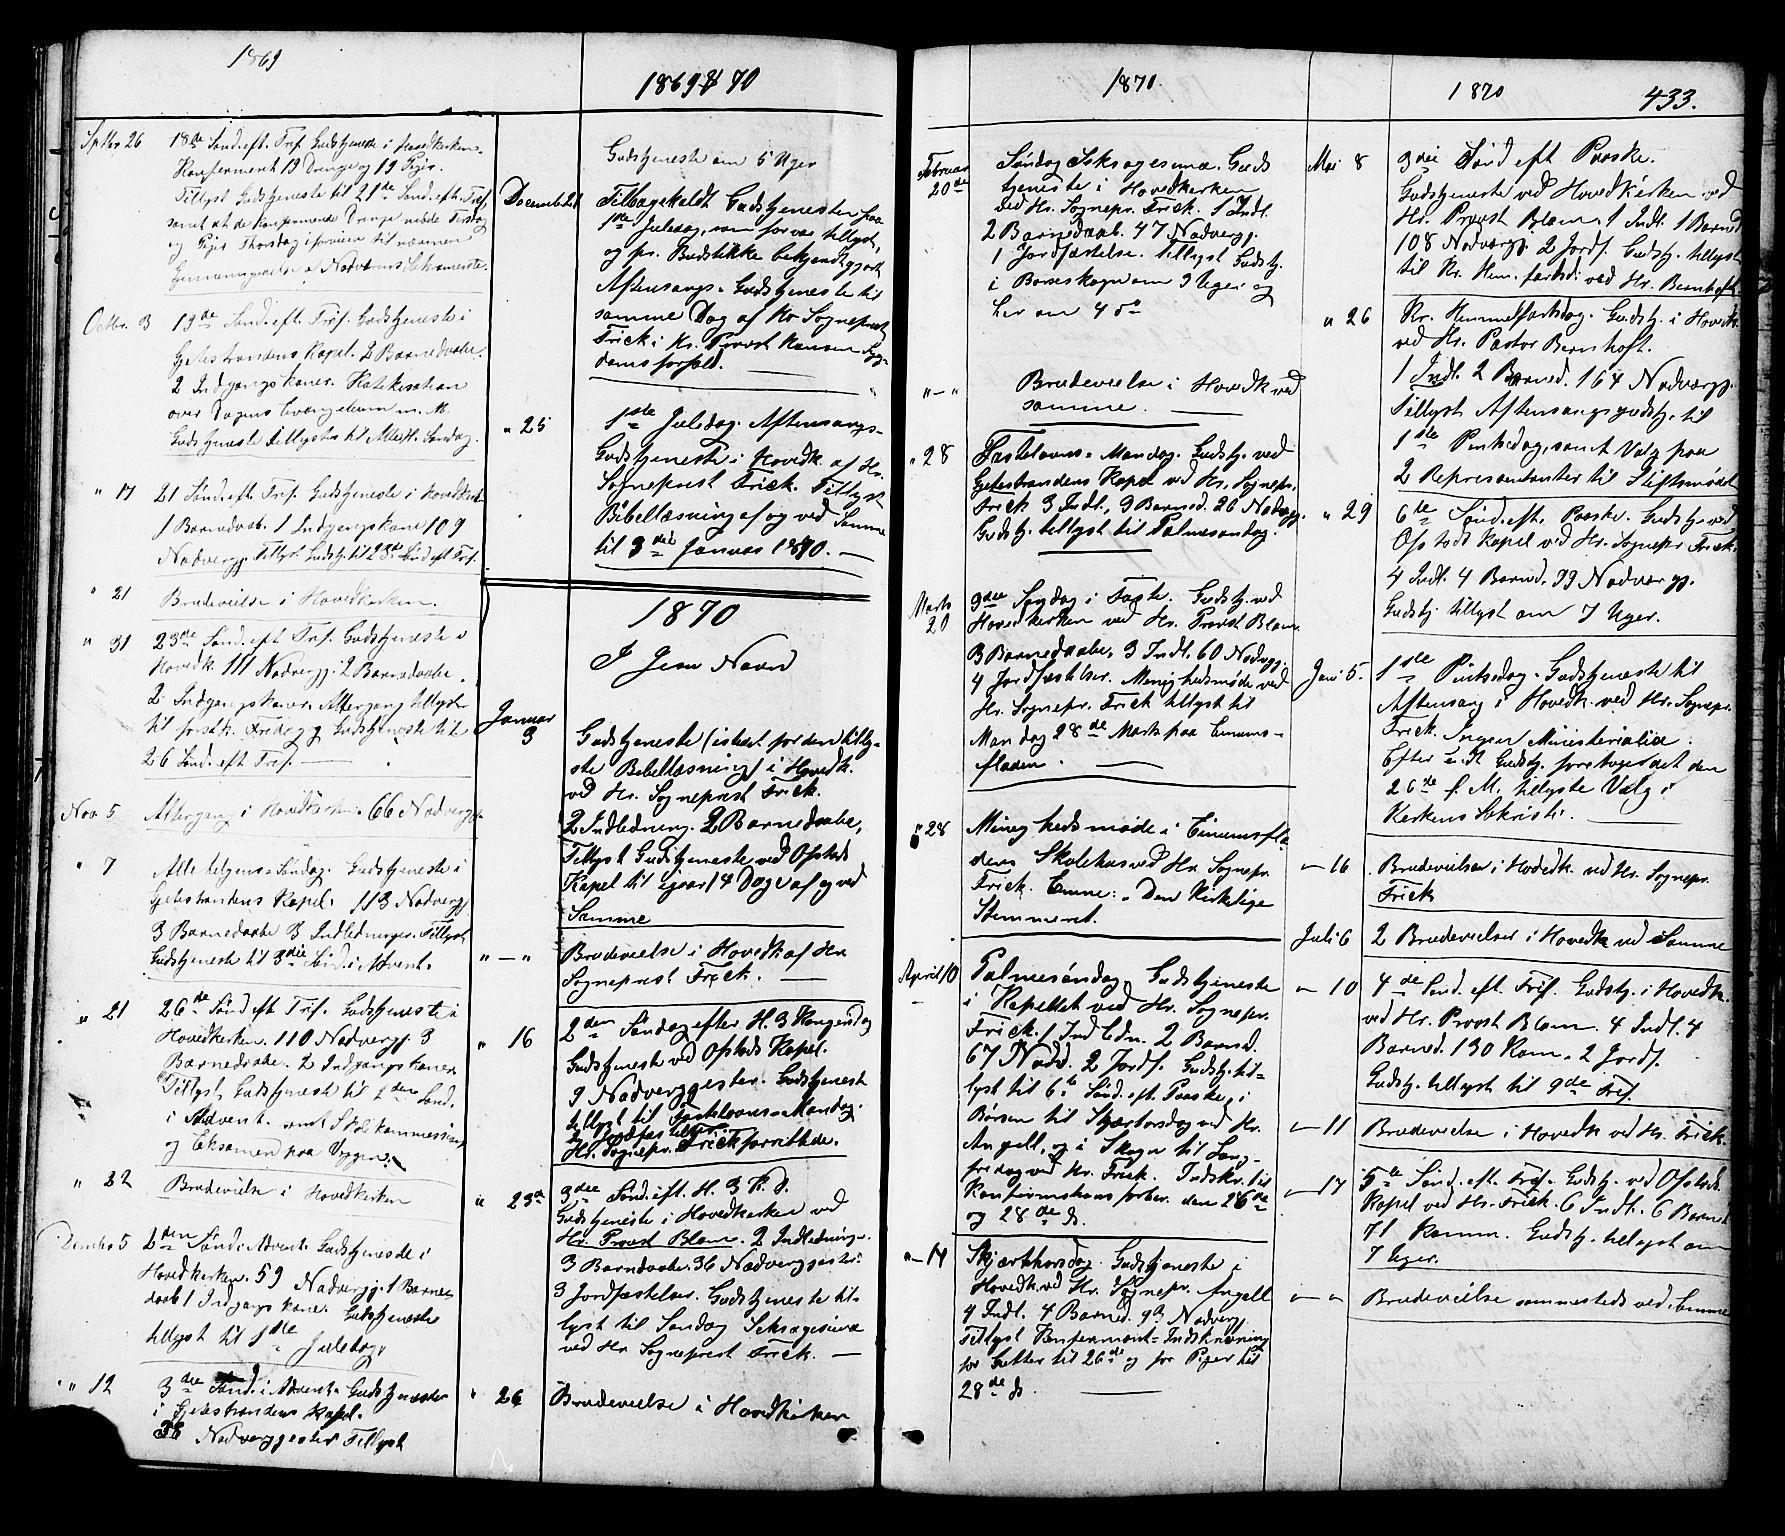 SAT, Ministerialprotokoller, klokkerbøker og fødselsregistre - Sør-Trøndelag, 665/L0777: Klokkerbok nr. 665C02, 1867-1915, s. 433